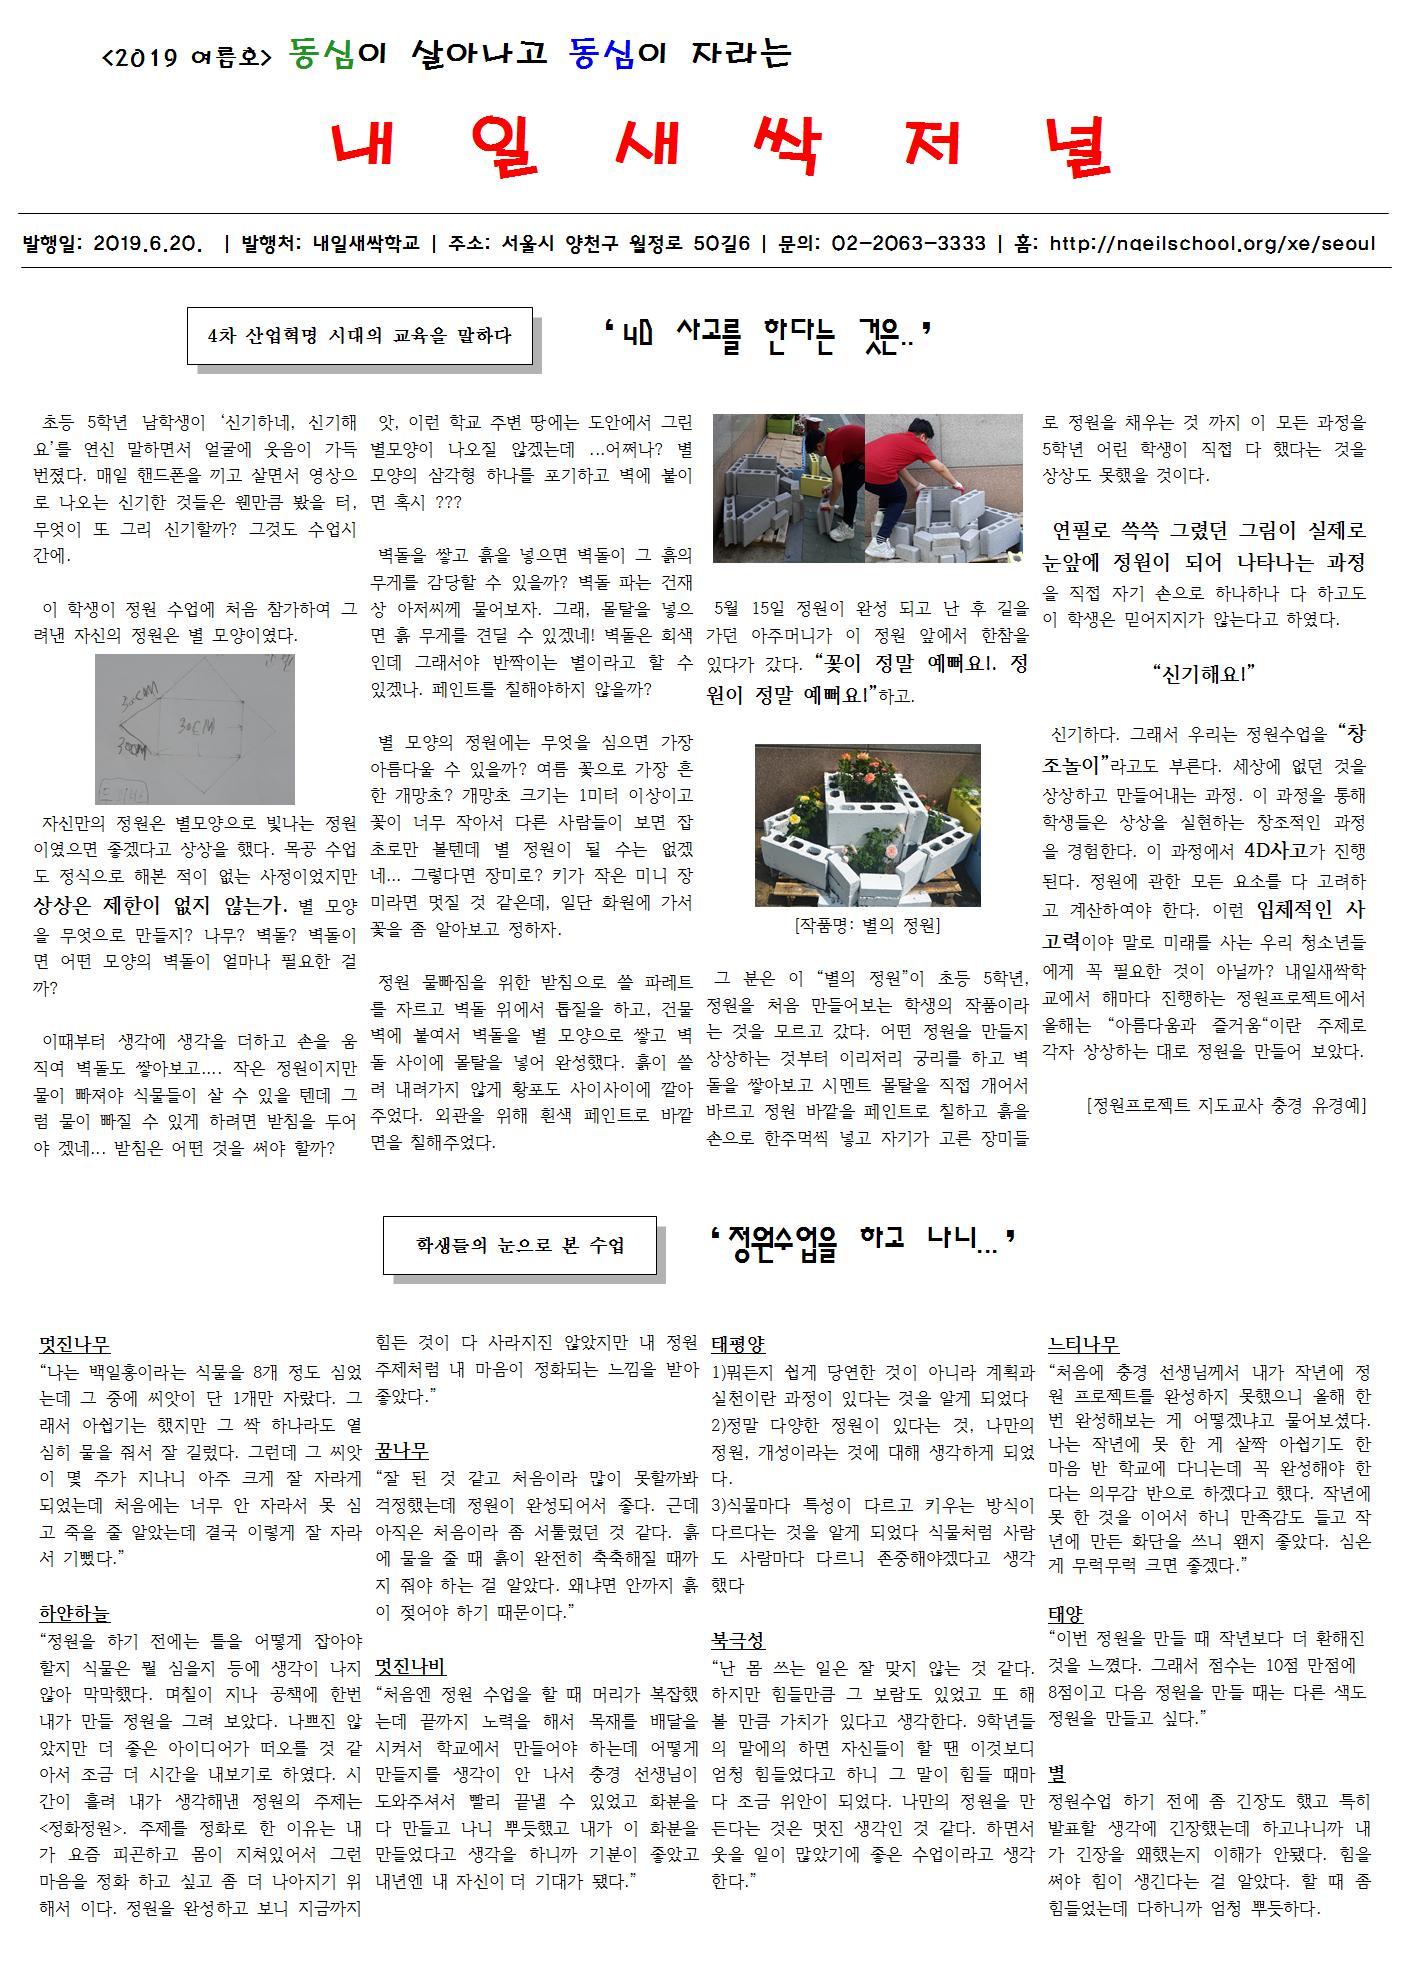 내일새싹저널(내일새싹학교) 여름호 001.jpg